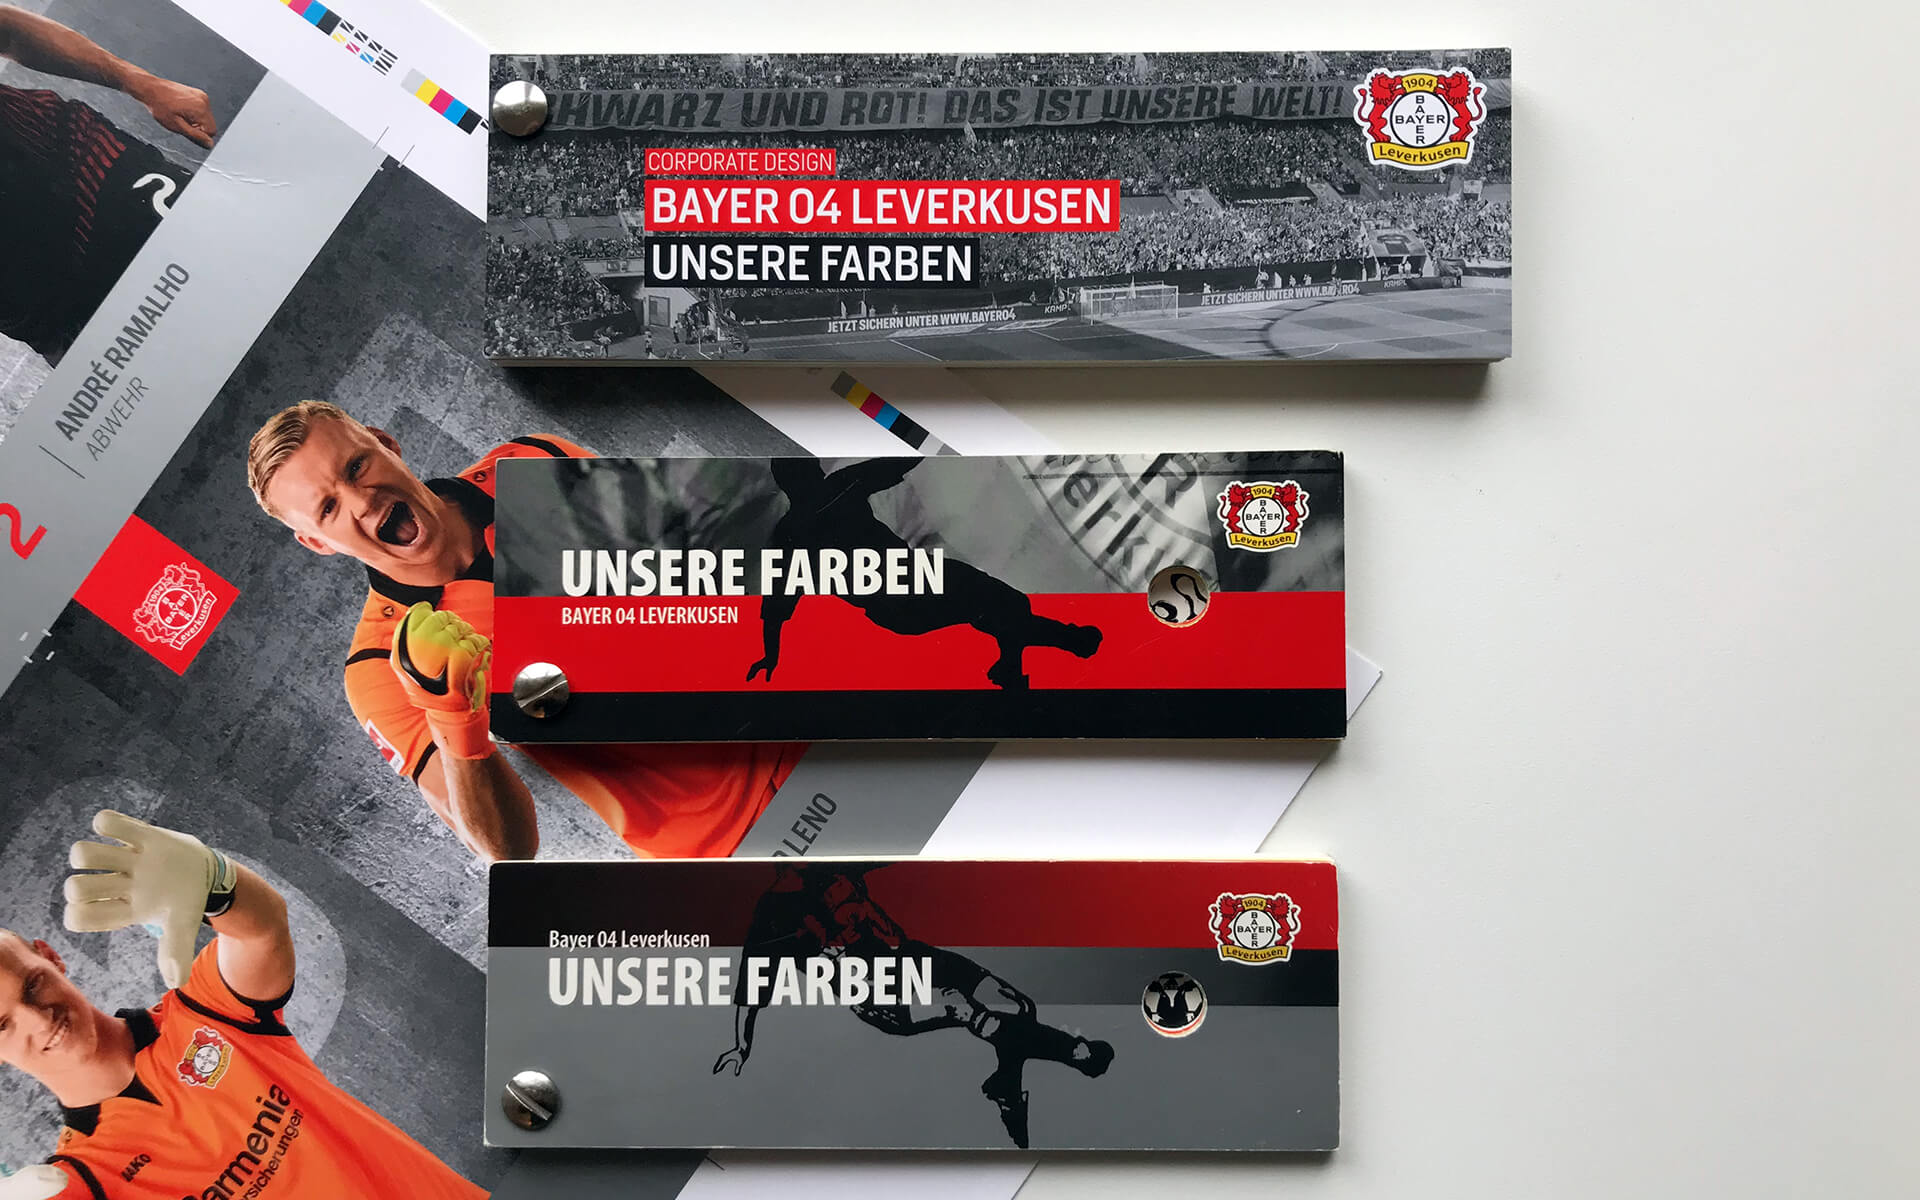 3. Auflage des Bayer 04 Farbmusterfächers und alte Farbfächer im Vergleich